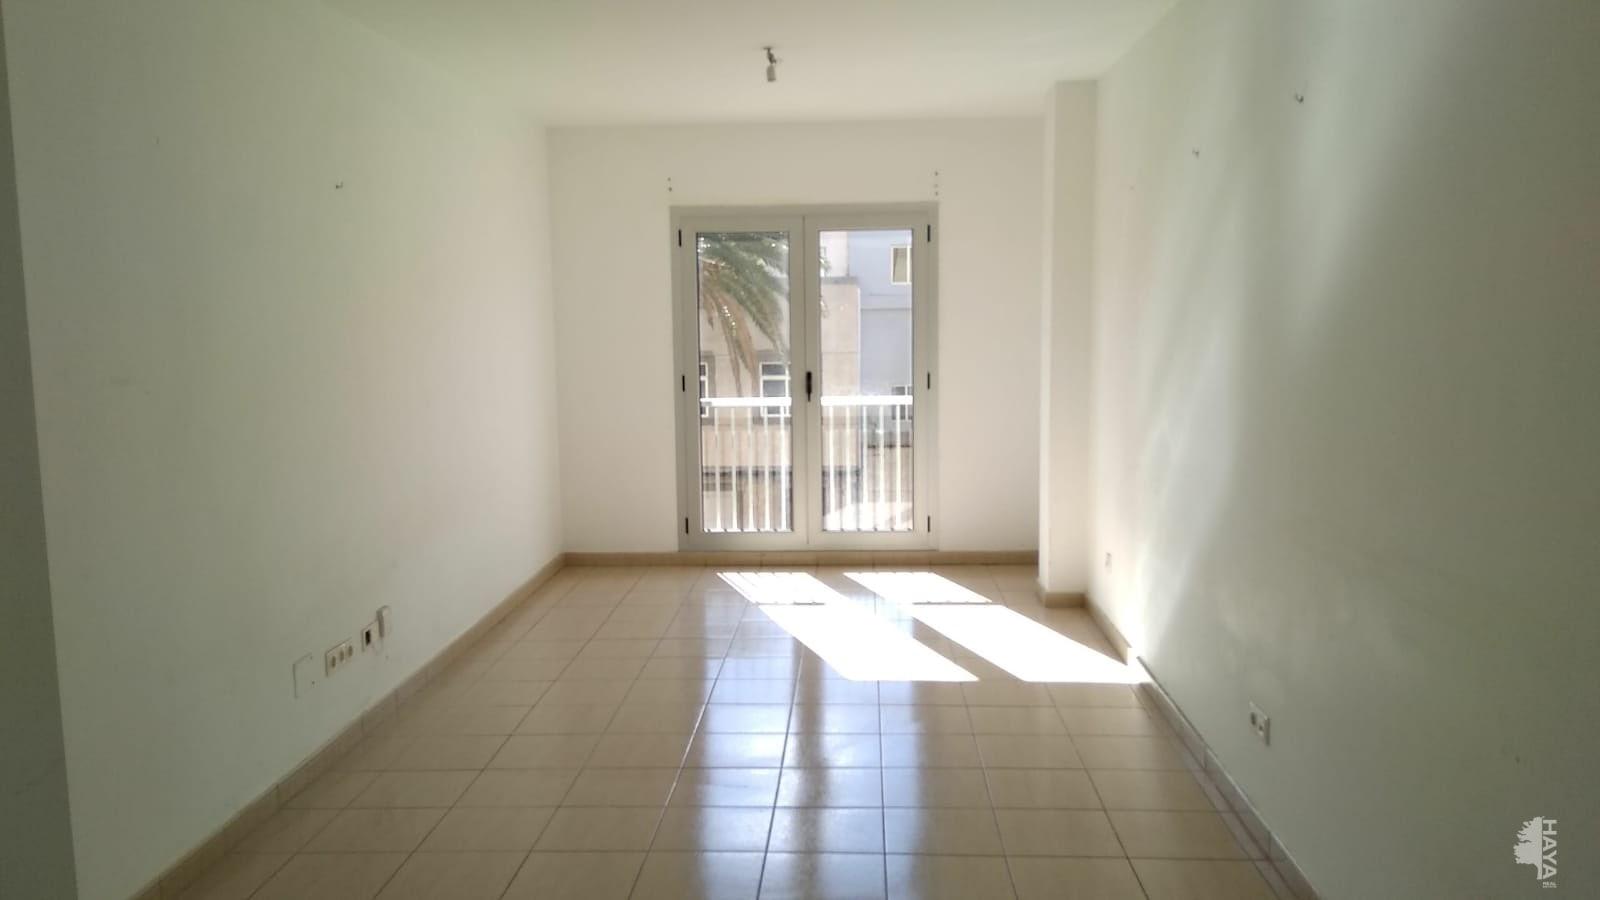 Piso en venta en Santa Lucía de Tirajana, Las Palmas, Calle Delicias, 79.000 €, 3 habitaciones, 1 baño, 102 m2